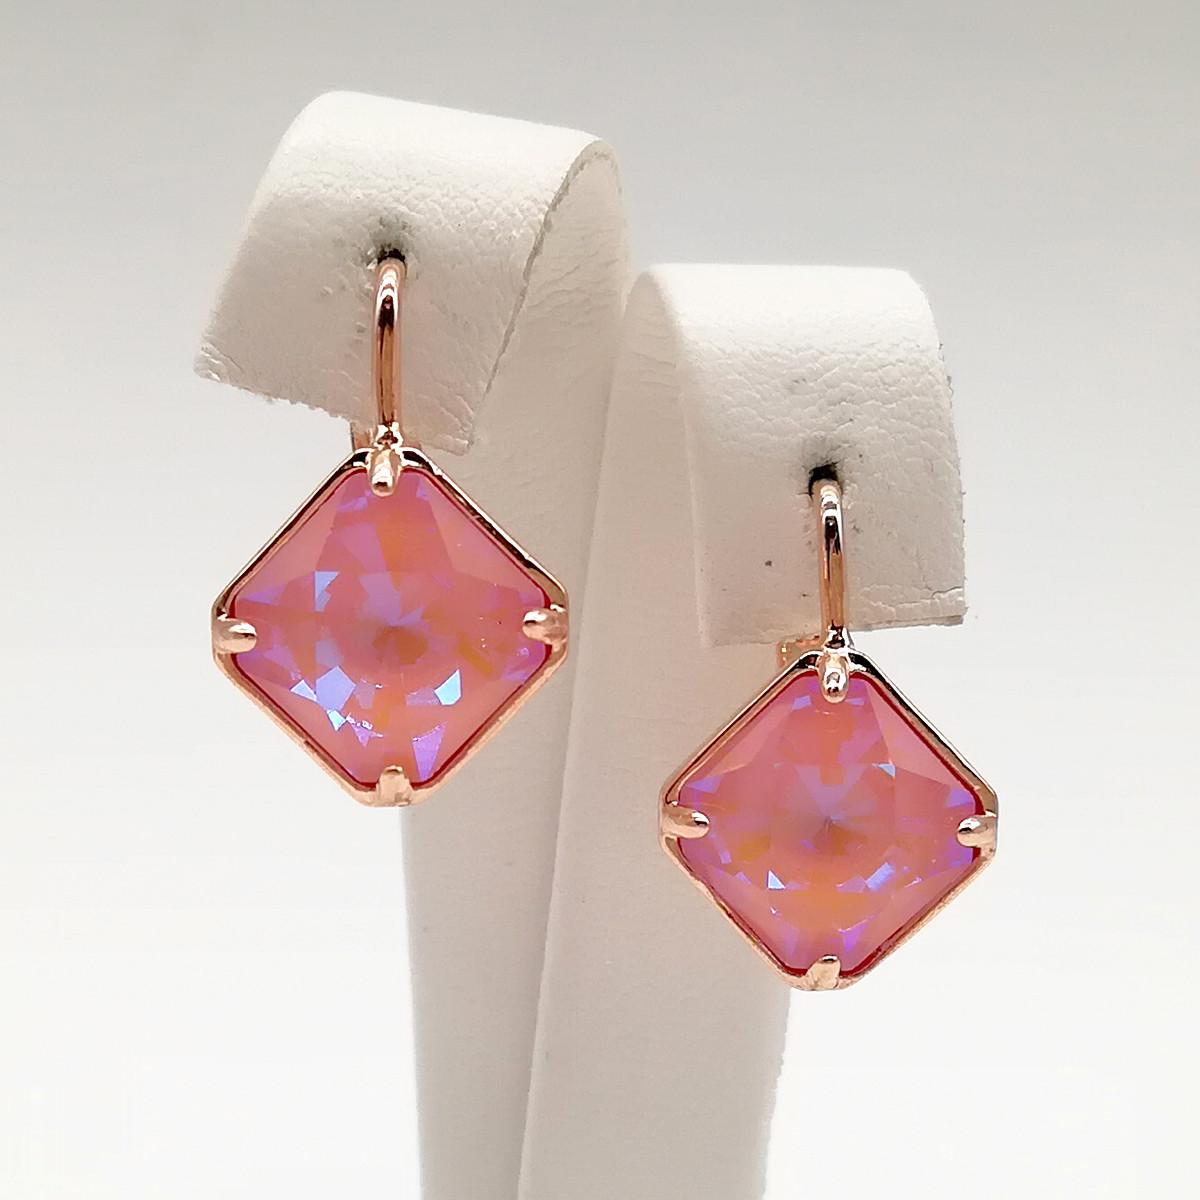 Серьги SONATA из медицинского золота, кристаллы Swarovski нежно-розового цвета, позолота PO, 24772